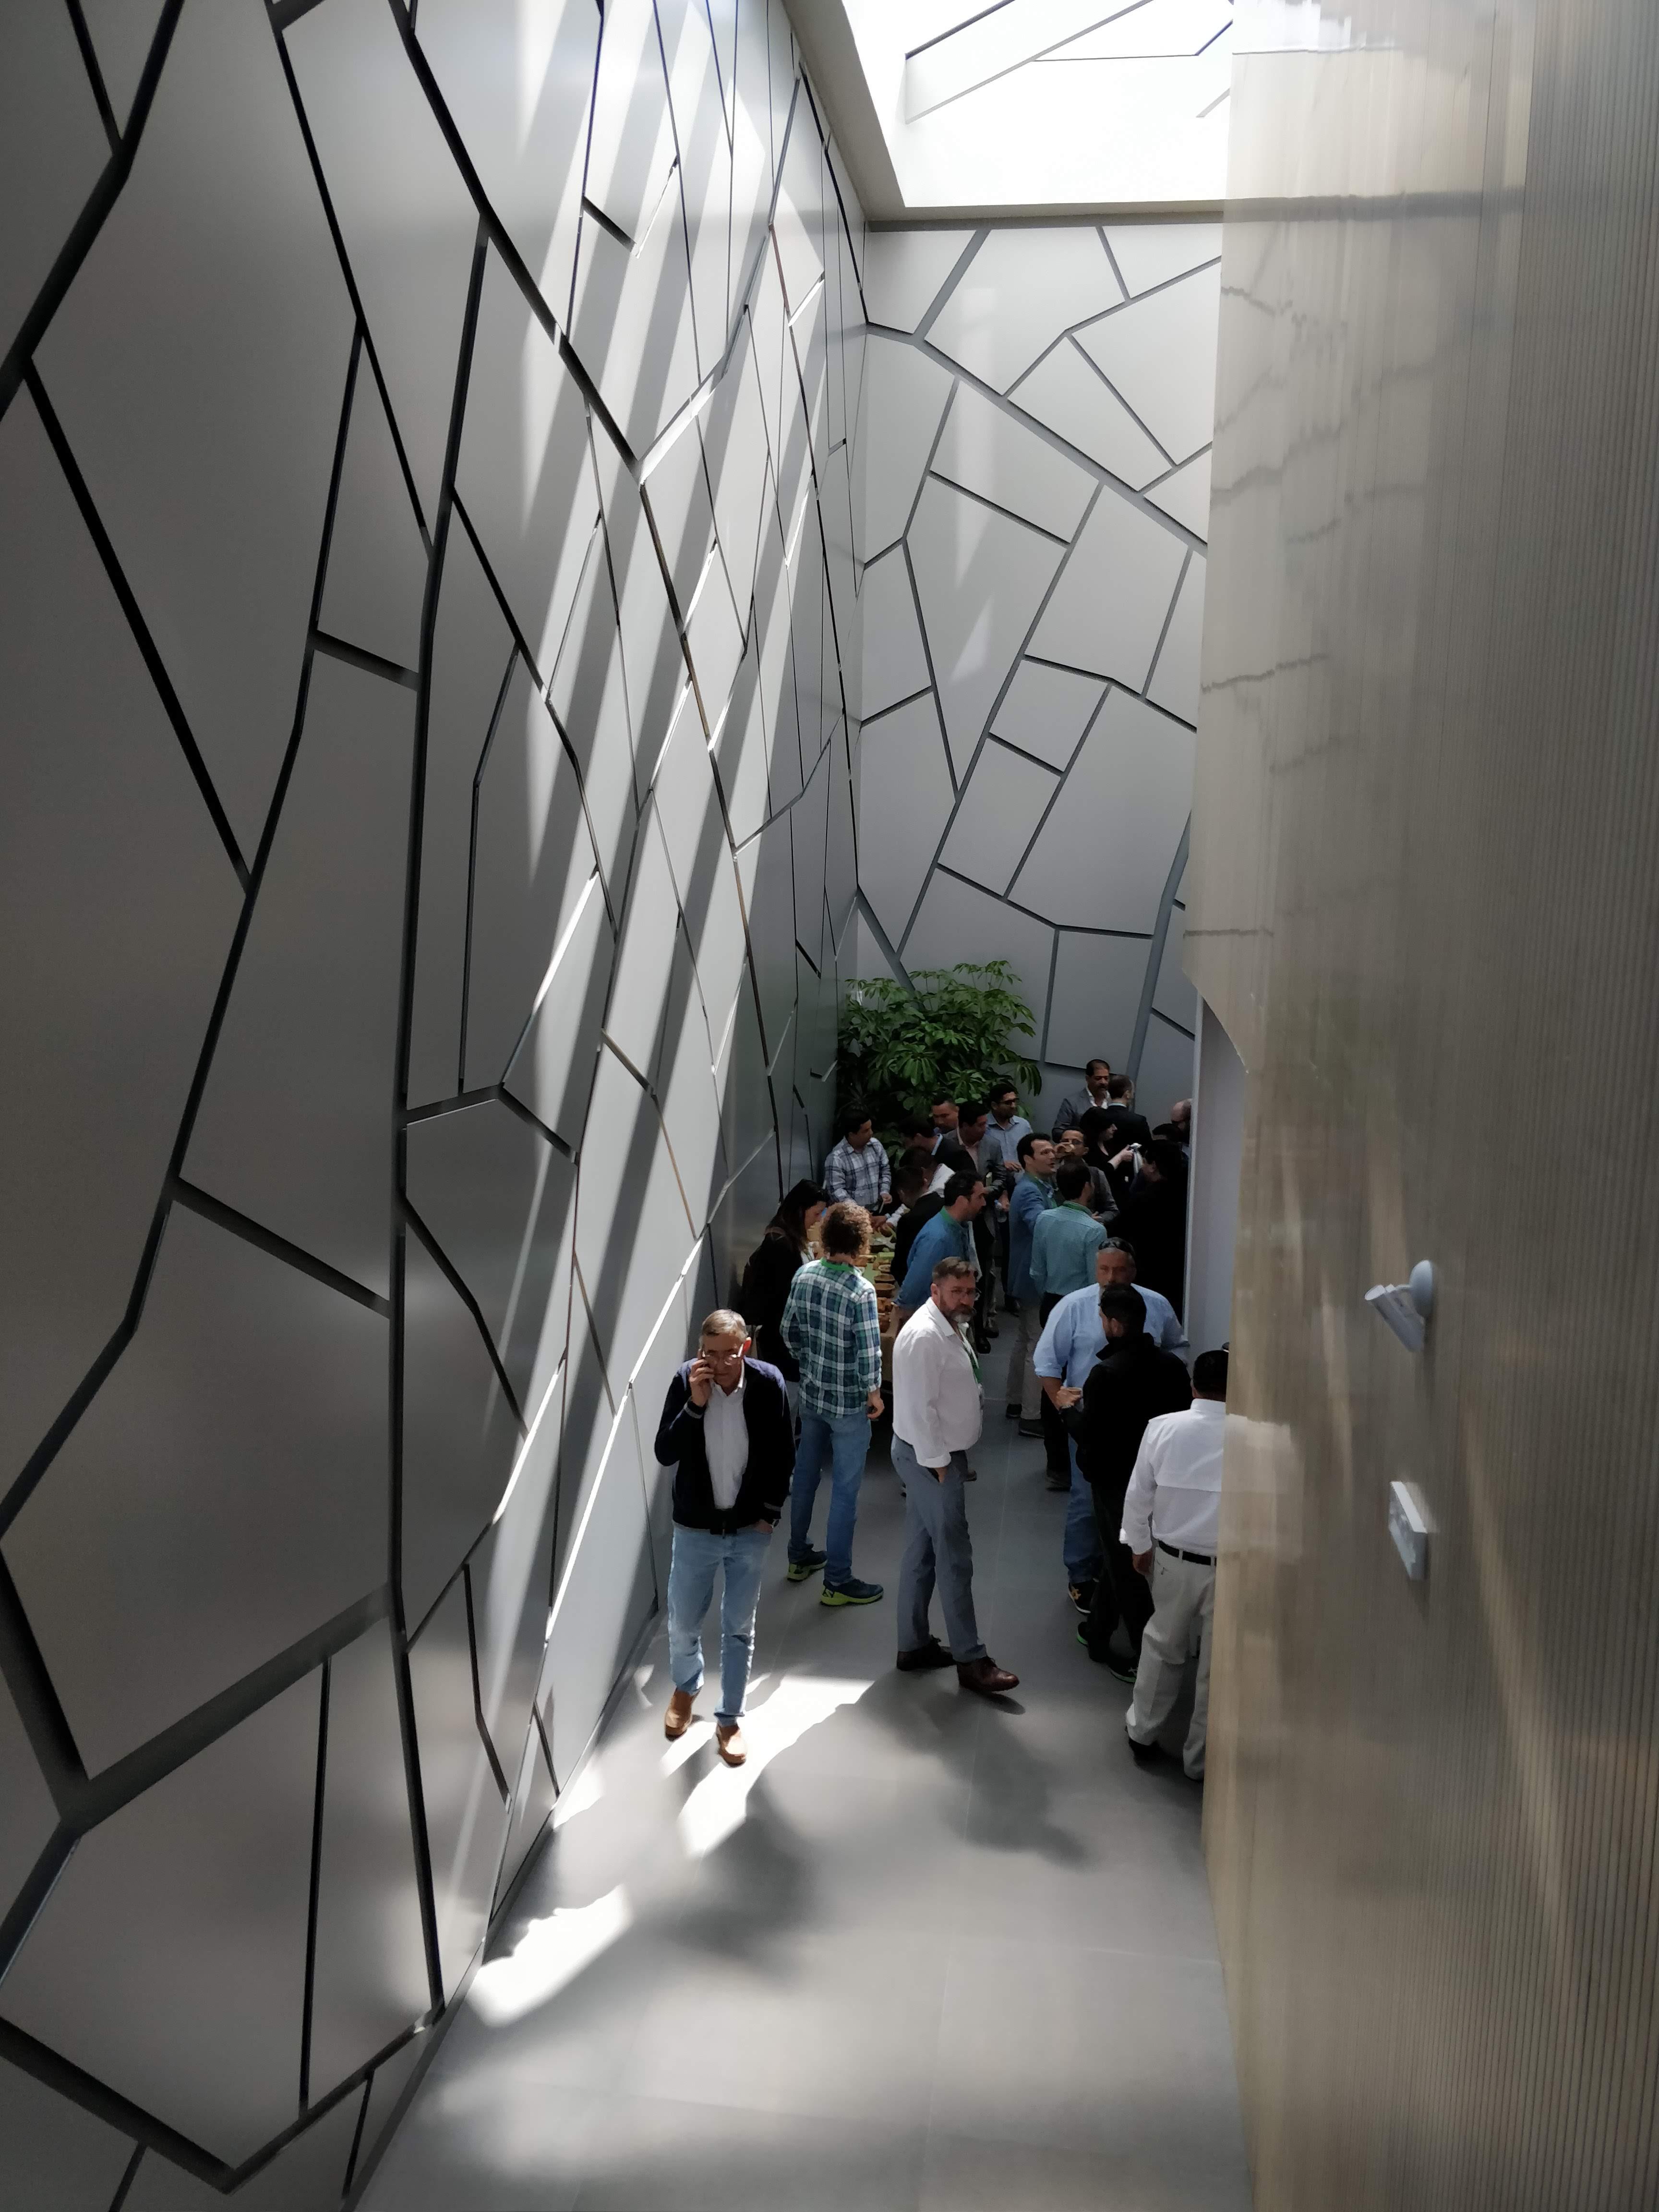 oficinas-sostenibles-interior-1